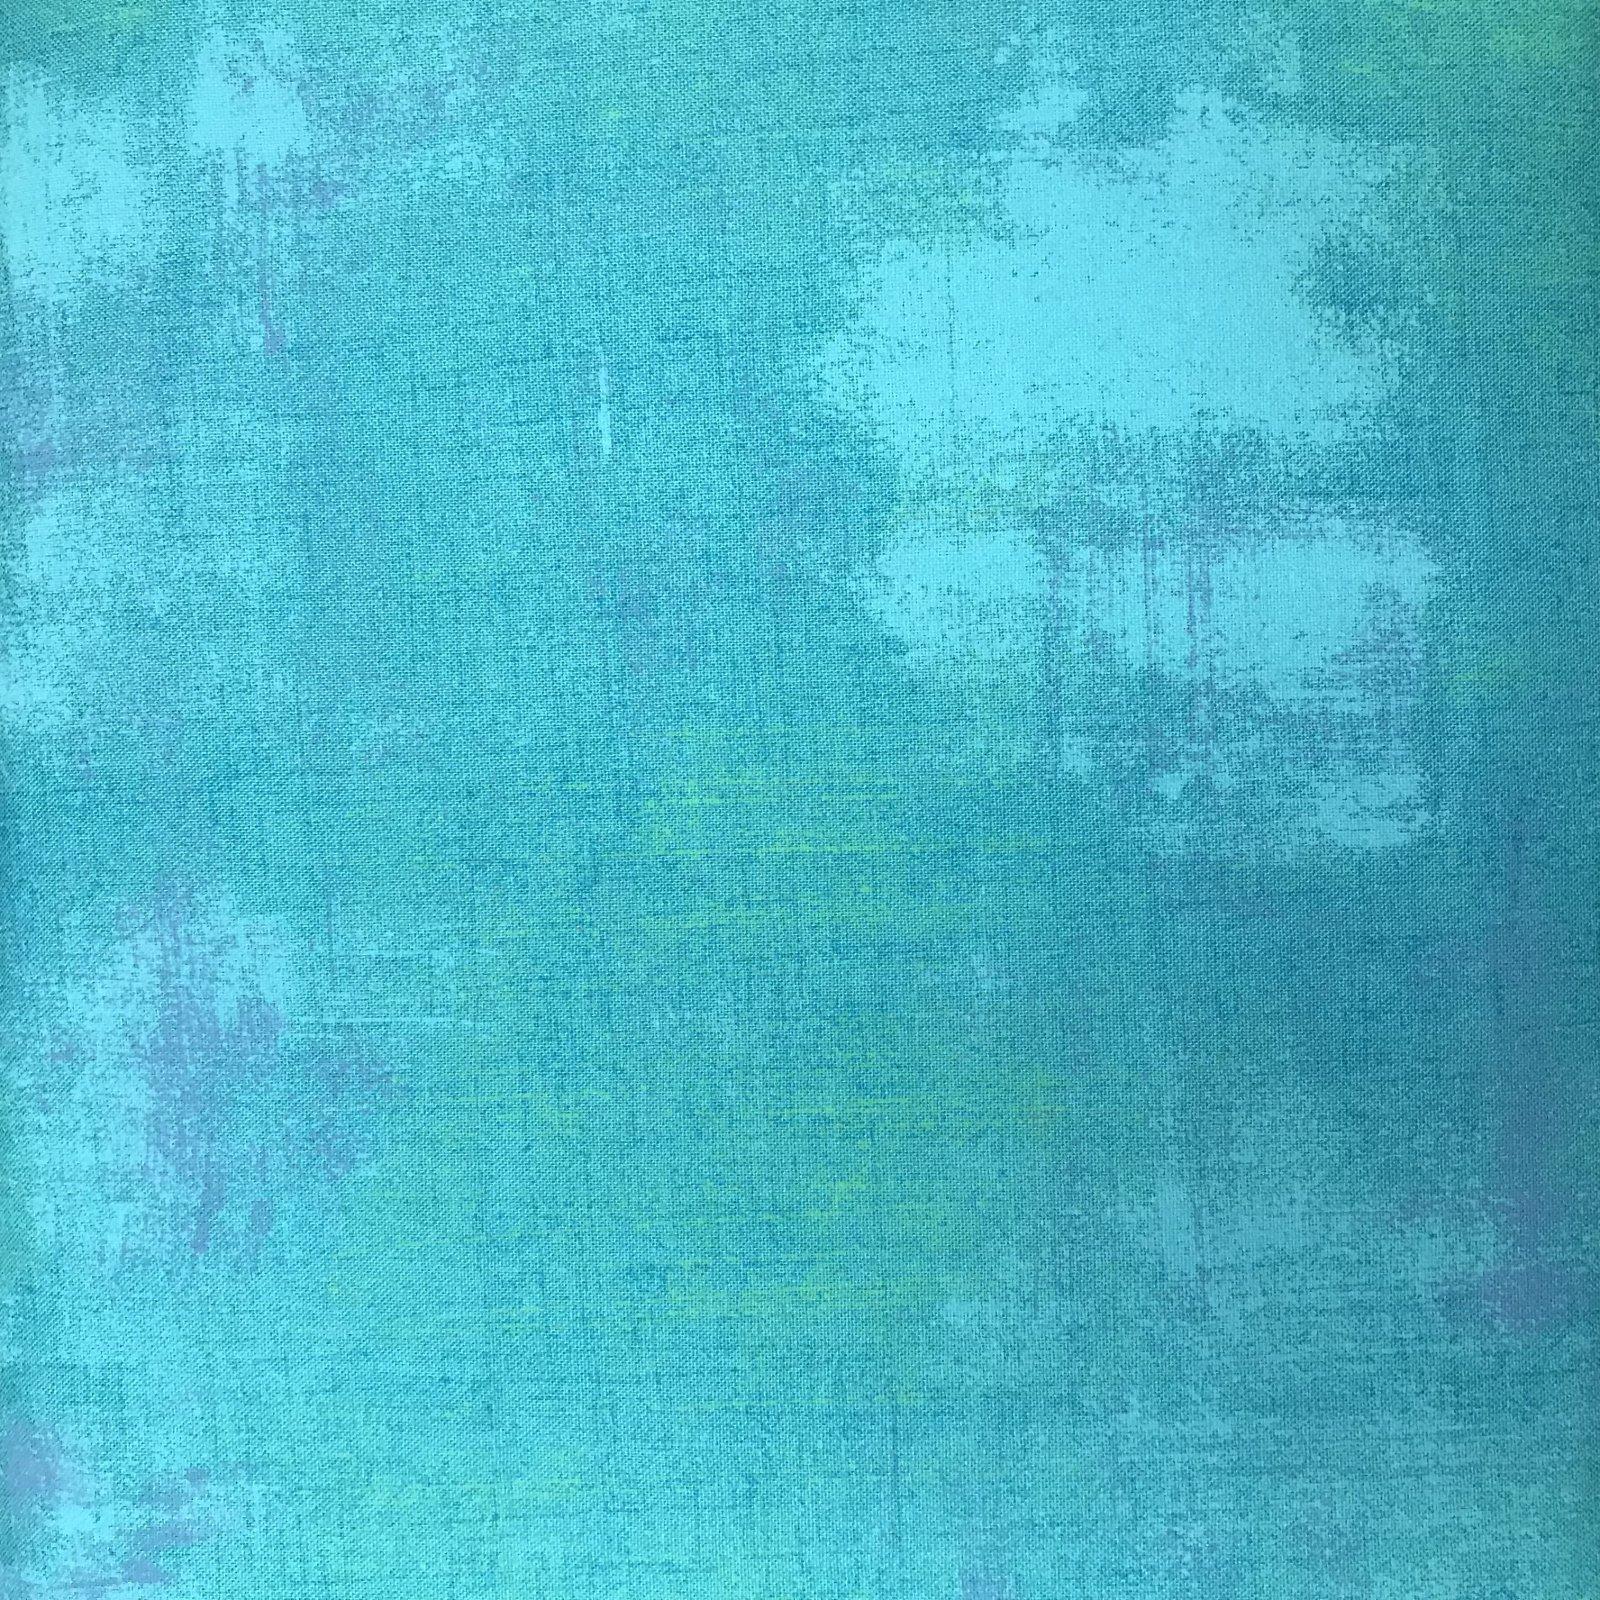 Moda Grunge Basics 30150 298 Turquoise